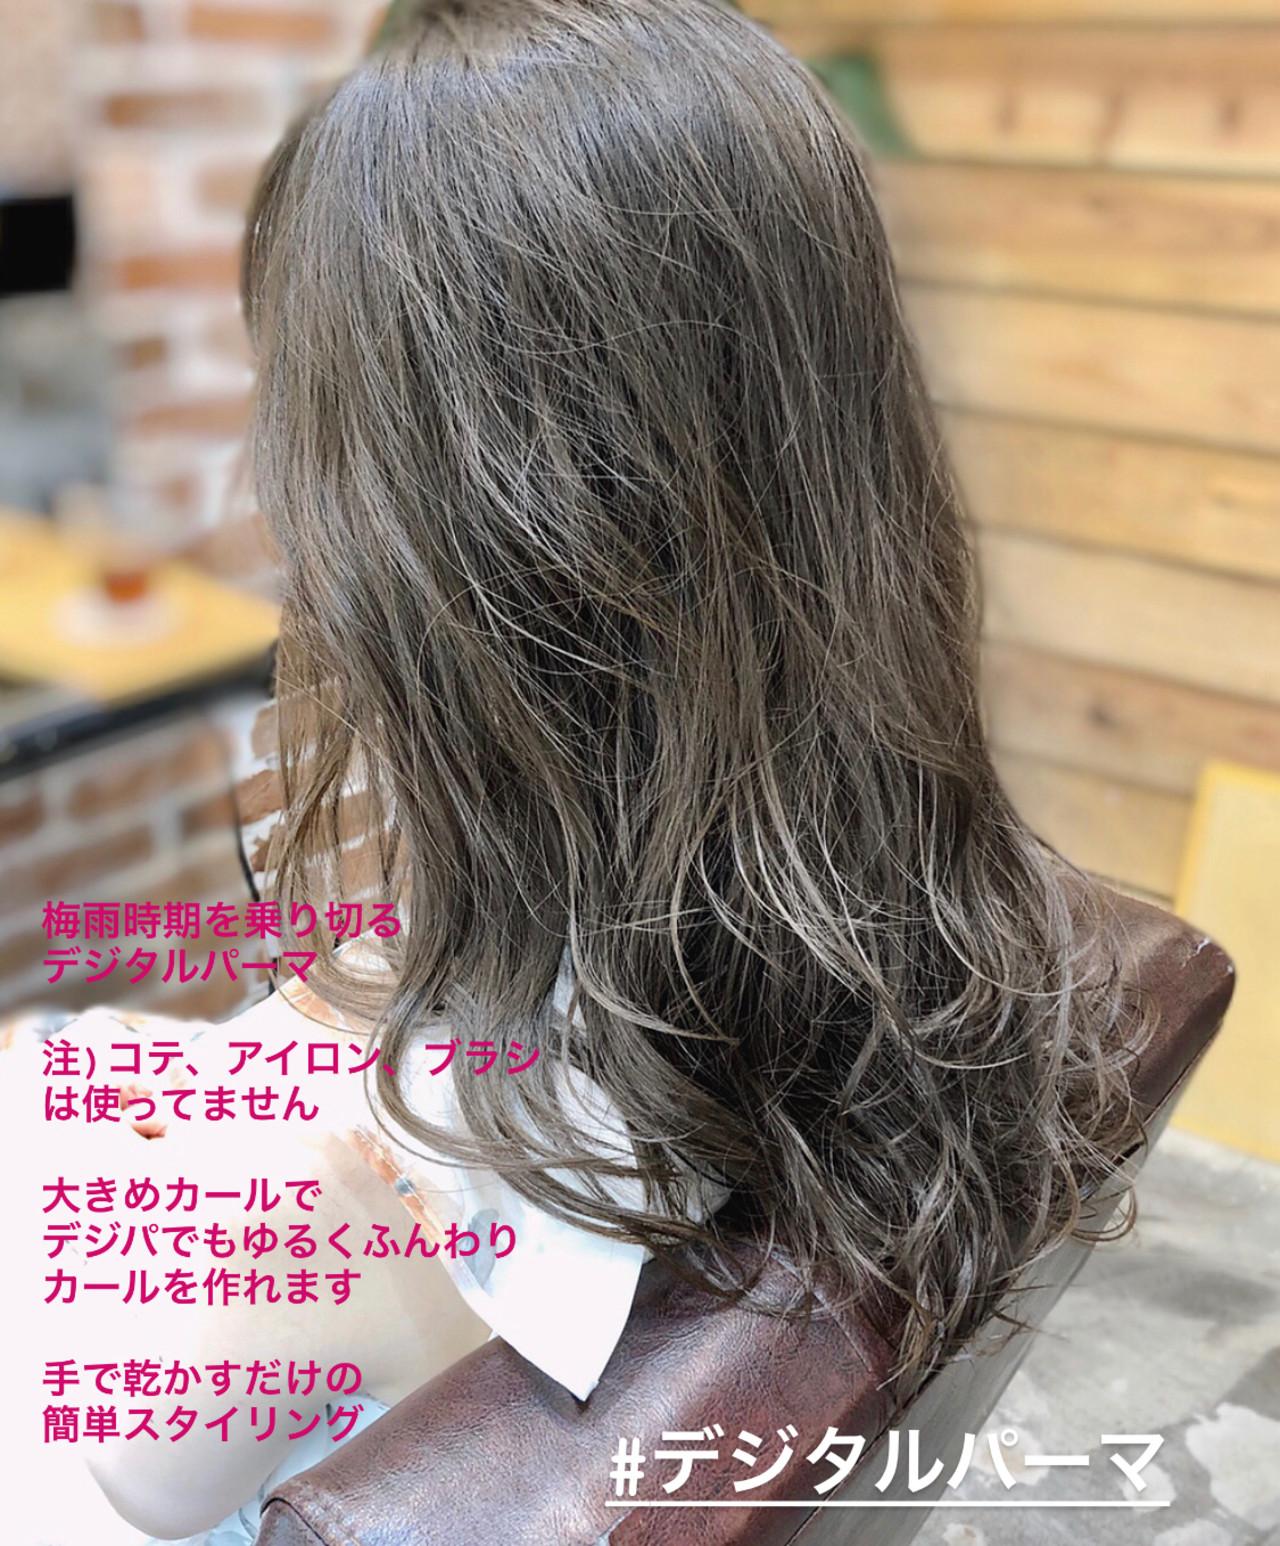 デジタルパーマ デート ロング ハイライト ヘアスタイルや髪型の写真・画像 | 桜井隆太/chobii/プロデューサー/銀座 / chobii 銀座